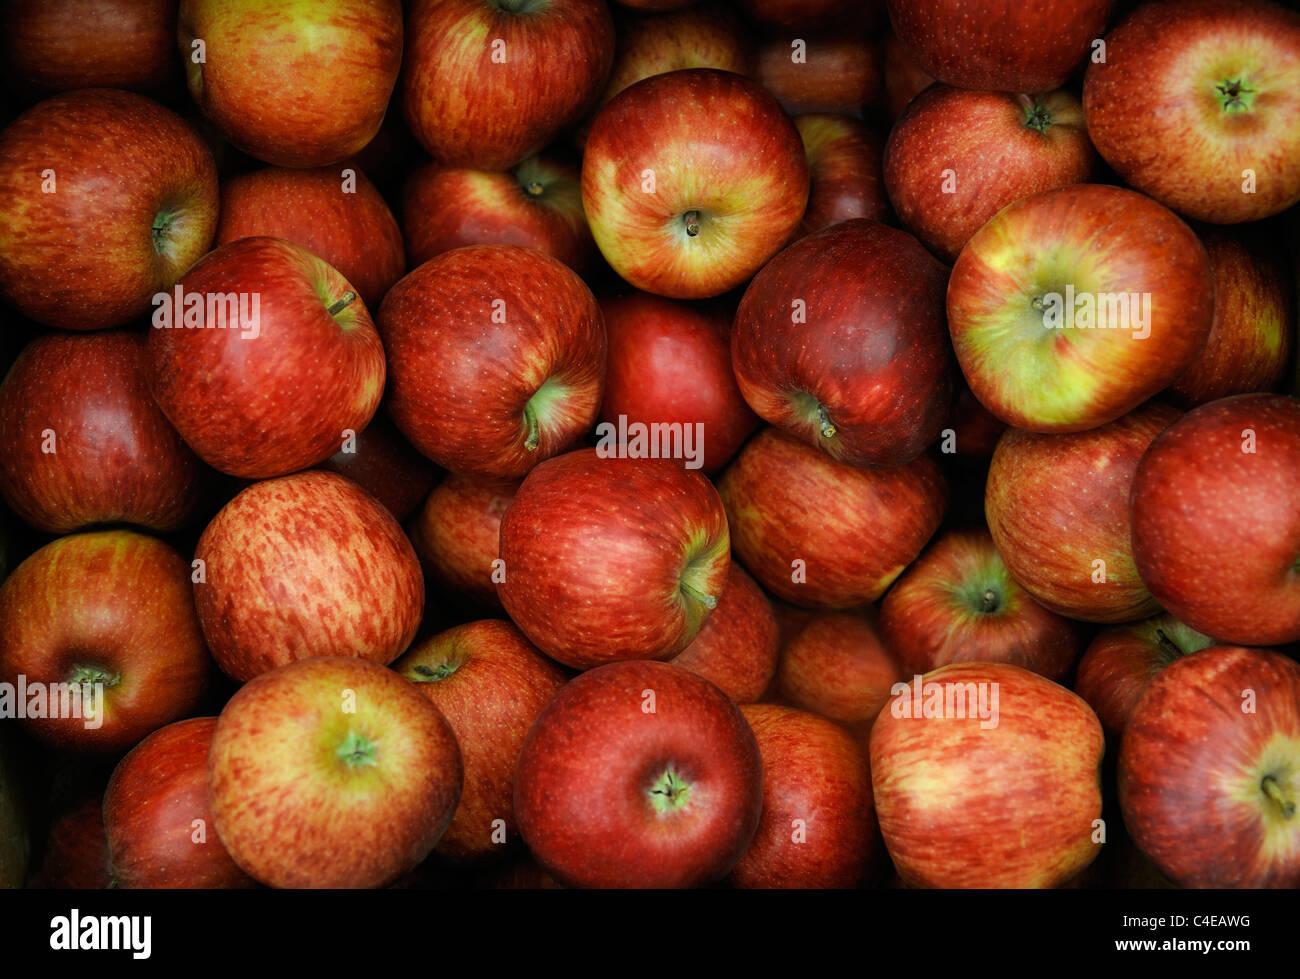 Organici di mele rosse Immagini Stock